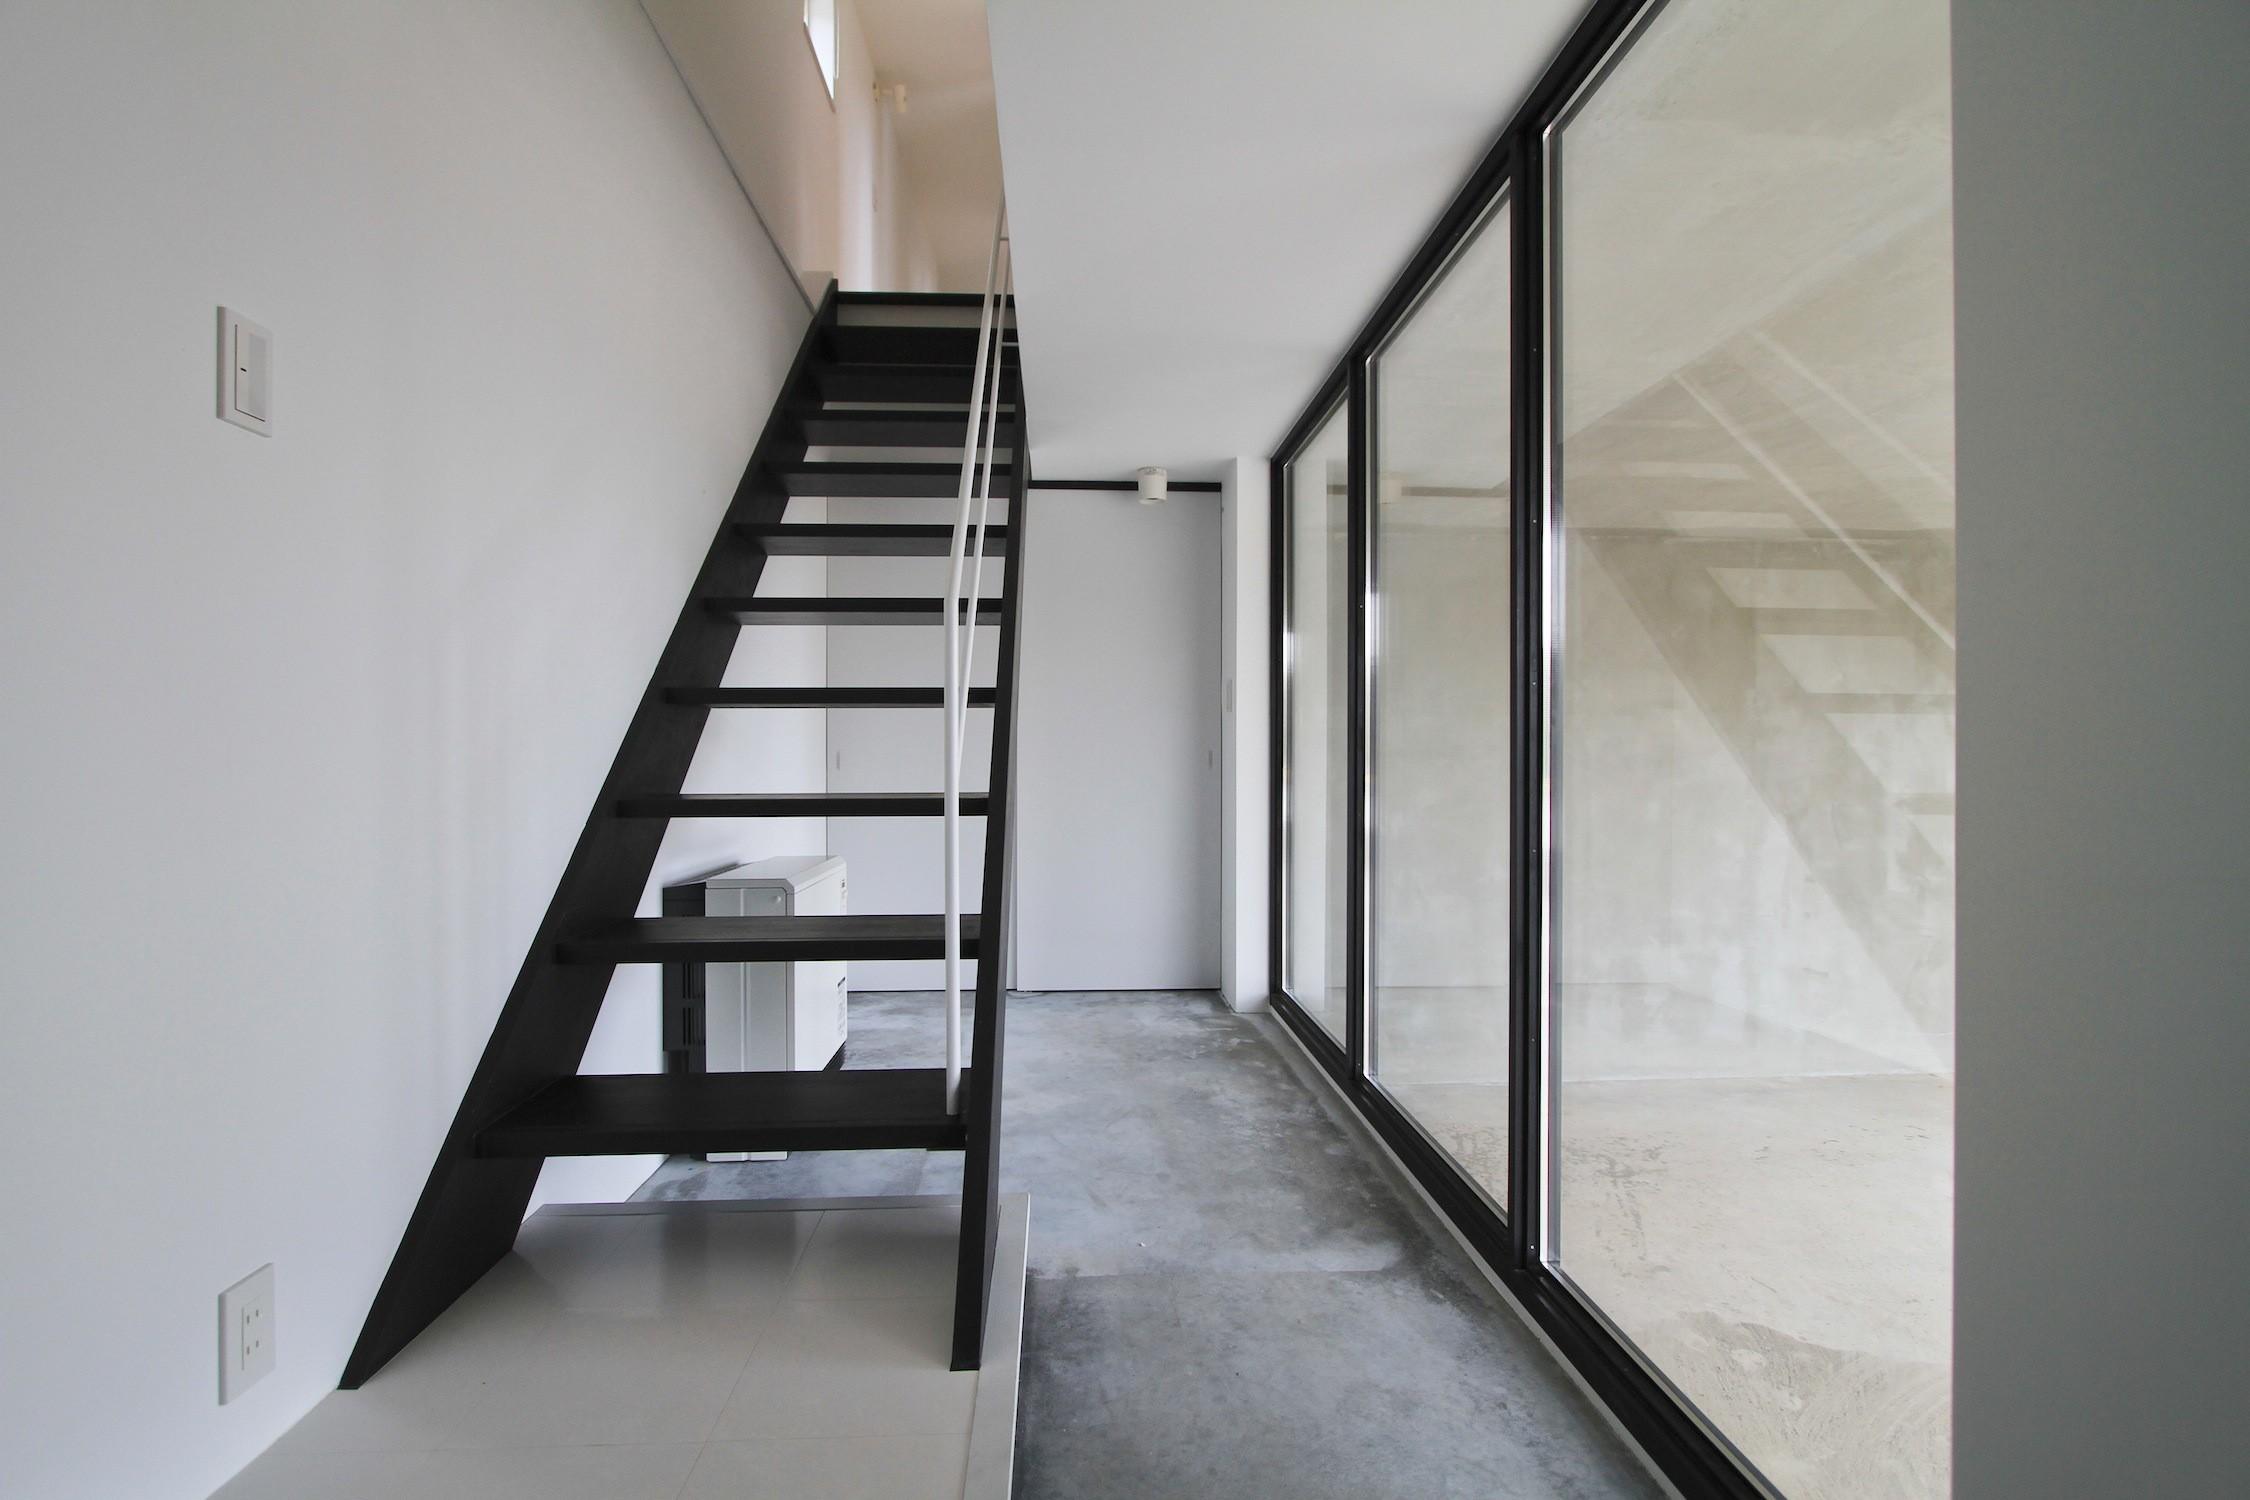 リビングダイニング事例:子世帯の玄関・ガレージとガラスで仕切られる(木造築30年「フルリノベーション+増築」で二世帯住宅に改築 OUCHI-23)